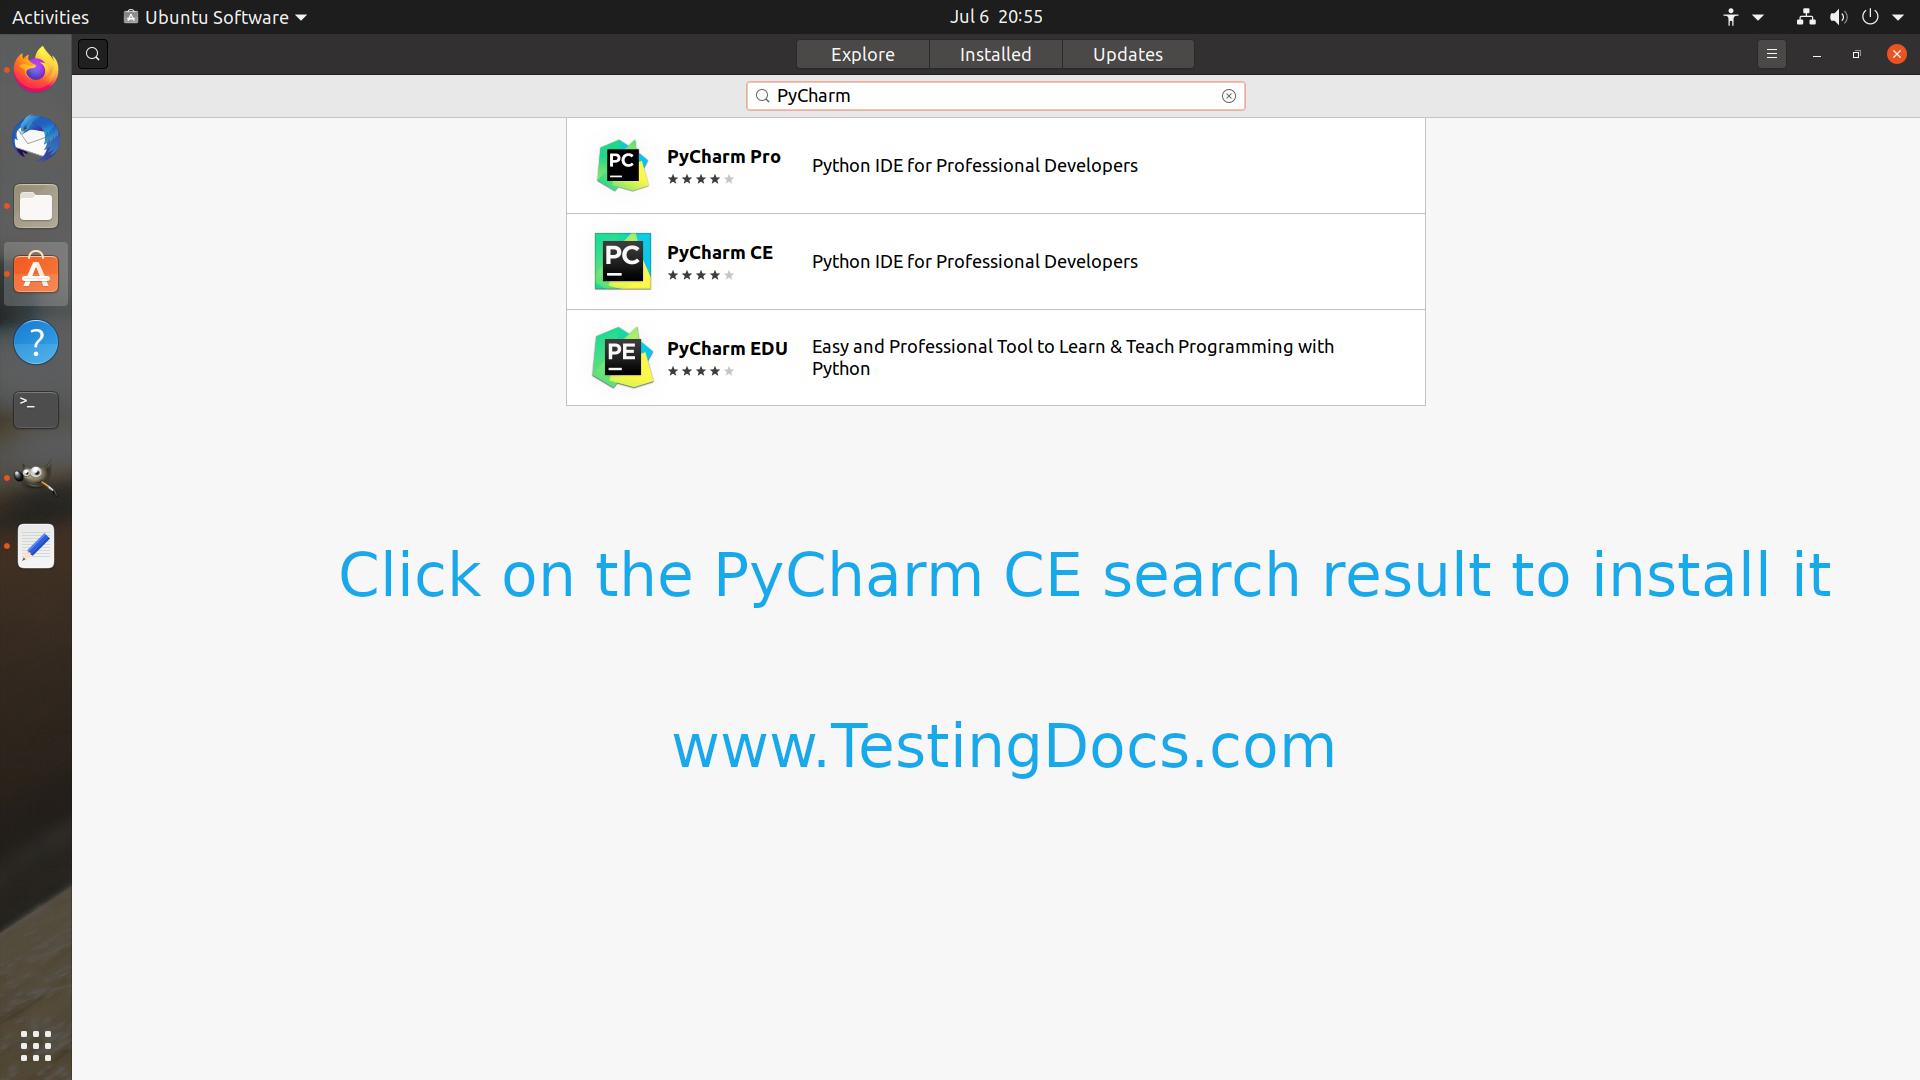 PyCharm CE